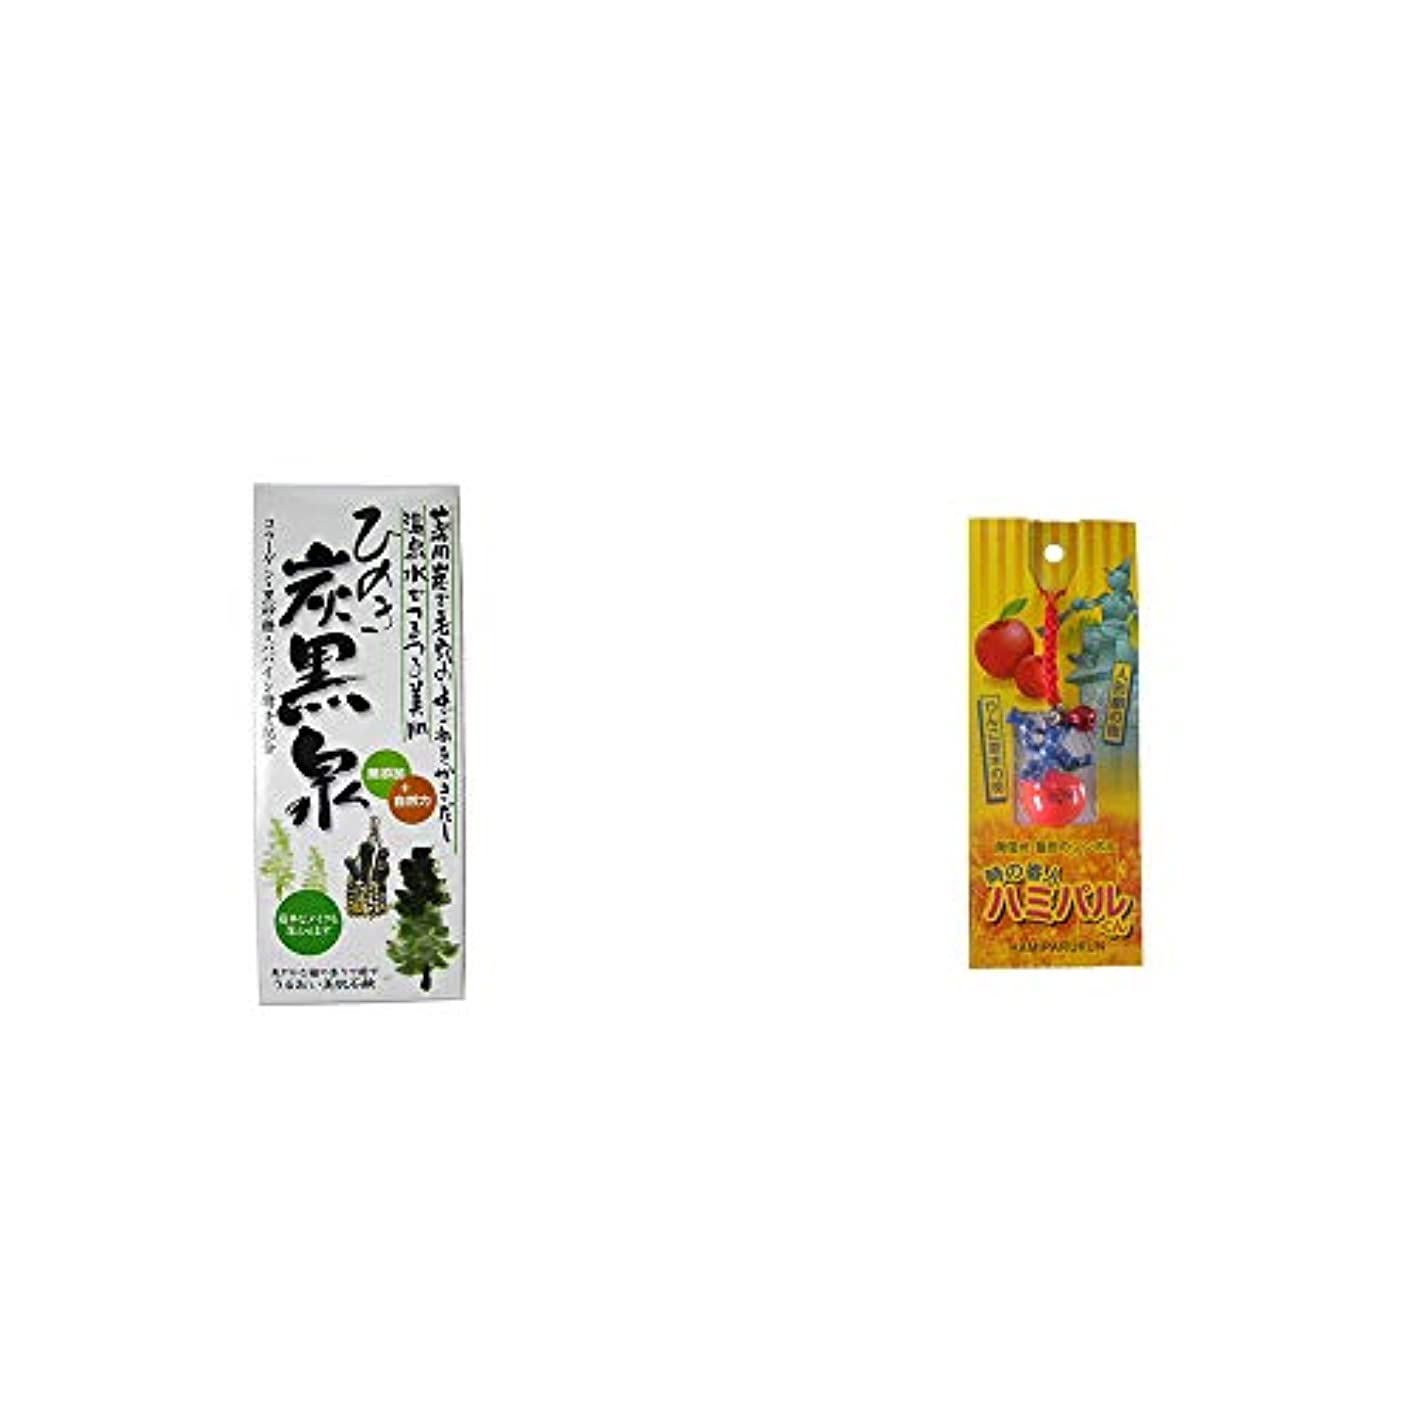 [2点セット] ひのき炭黒泉 箱入り(75g×3)?信州?飯田のシンボル 時の番人ハミパルくんストラップ